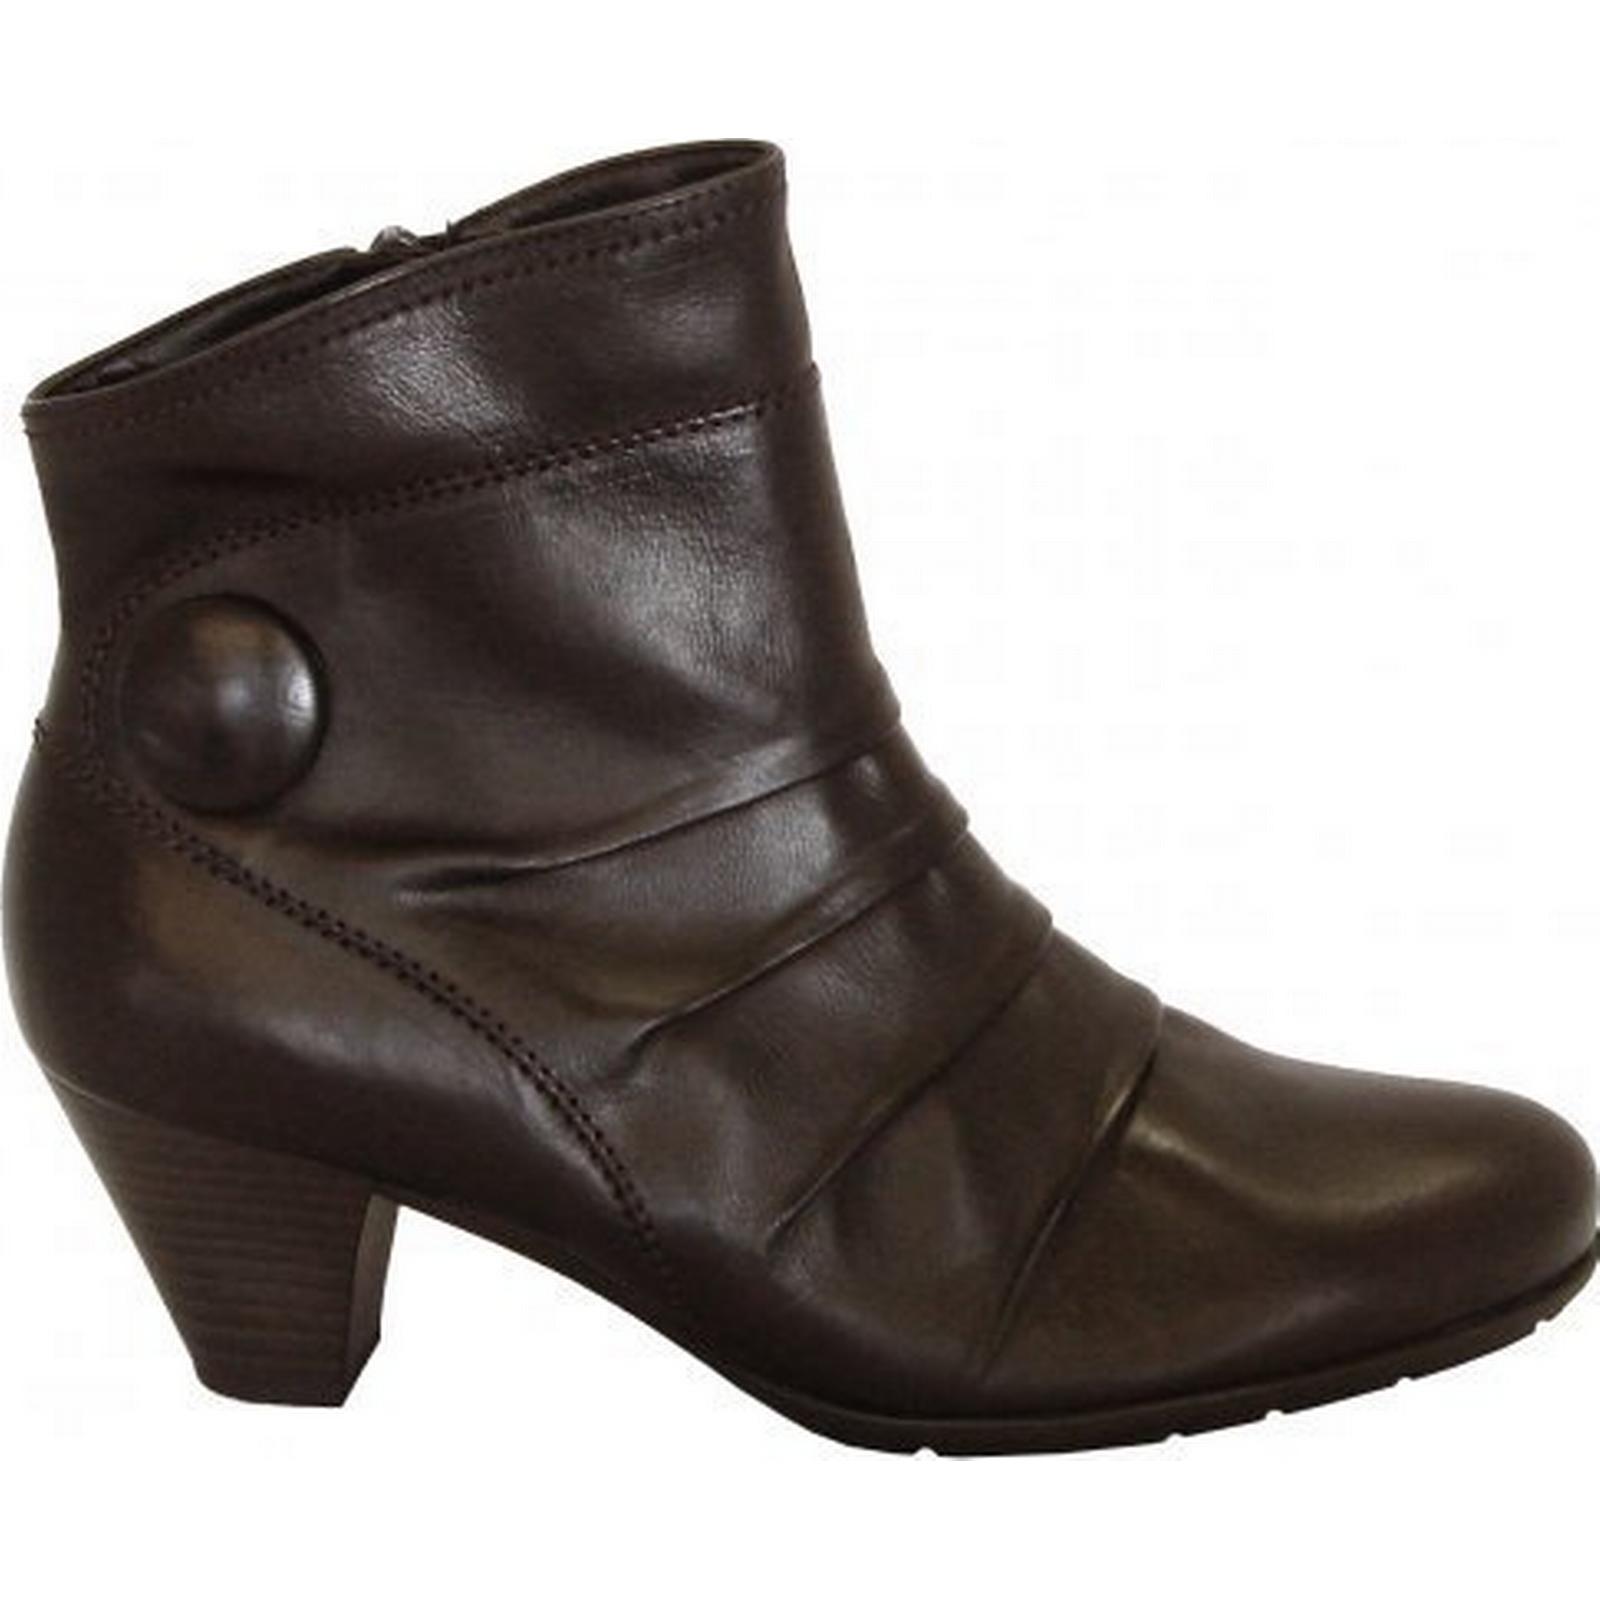 Gabor ANITA GABOR BOOTS BOOTS GABOR ANITA 51 641 28 Size: 7, Colour: MOCCA 1dfde9